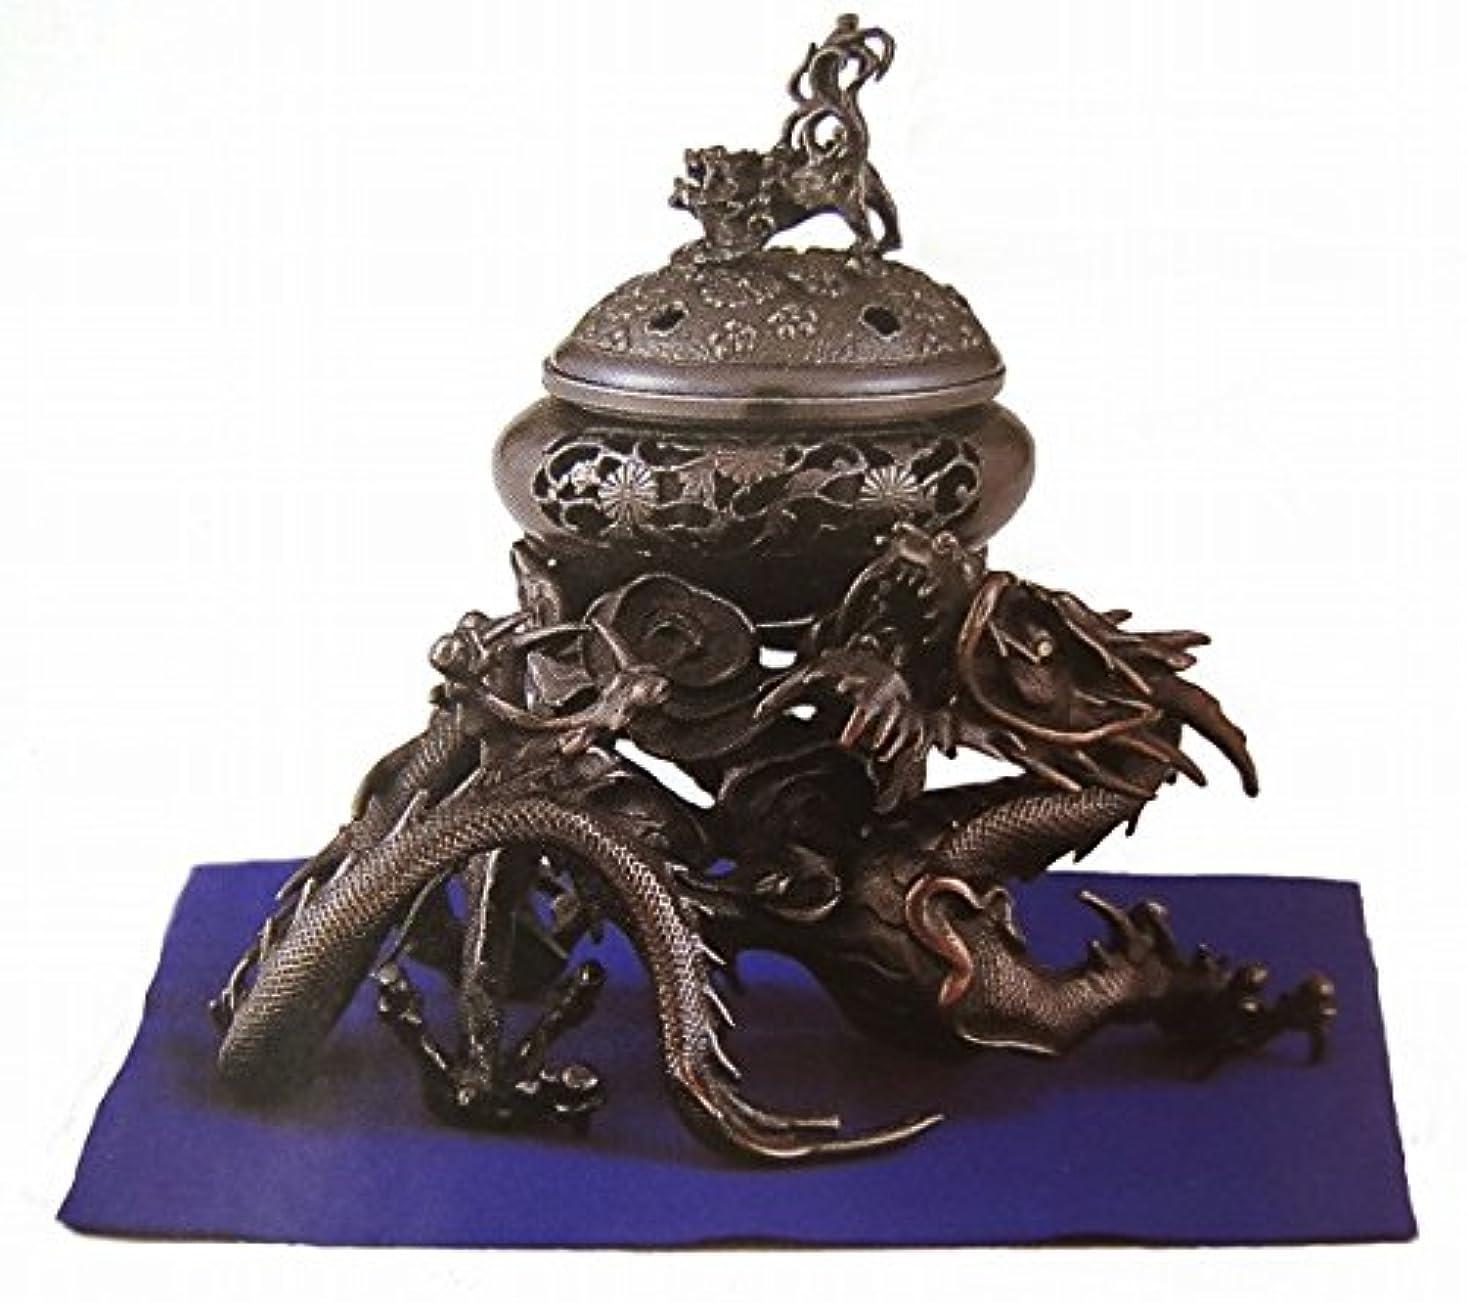 フェロー諸島自動的に酸っぱい『吉祥龍香炉』銅製